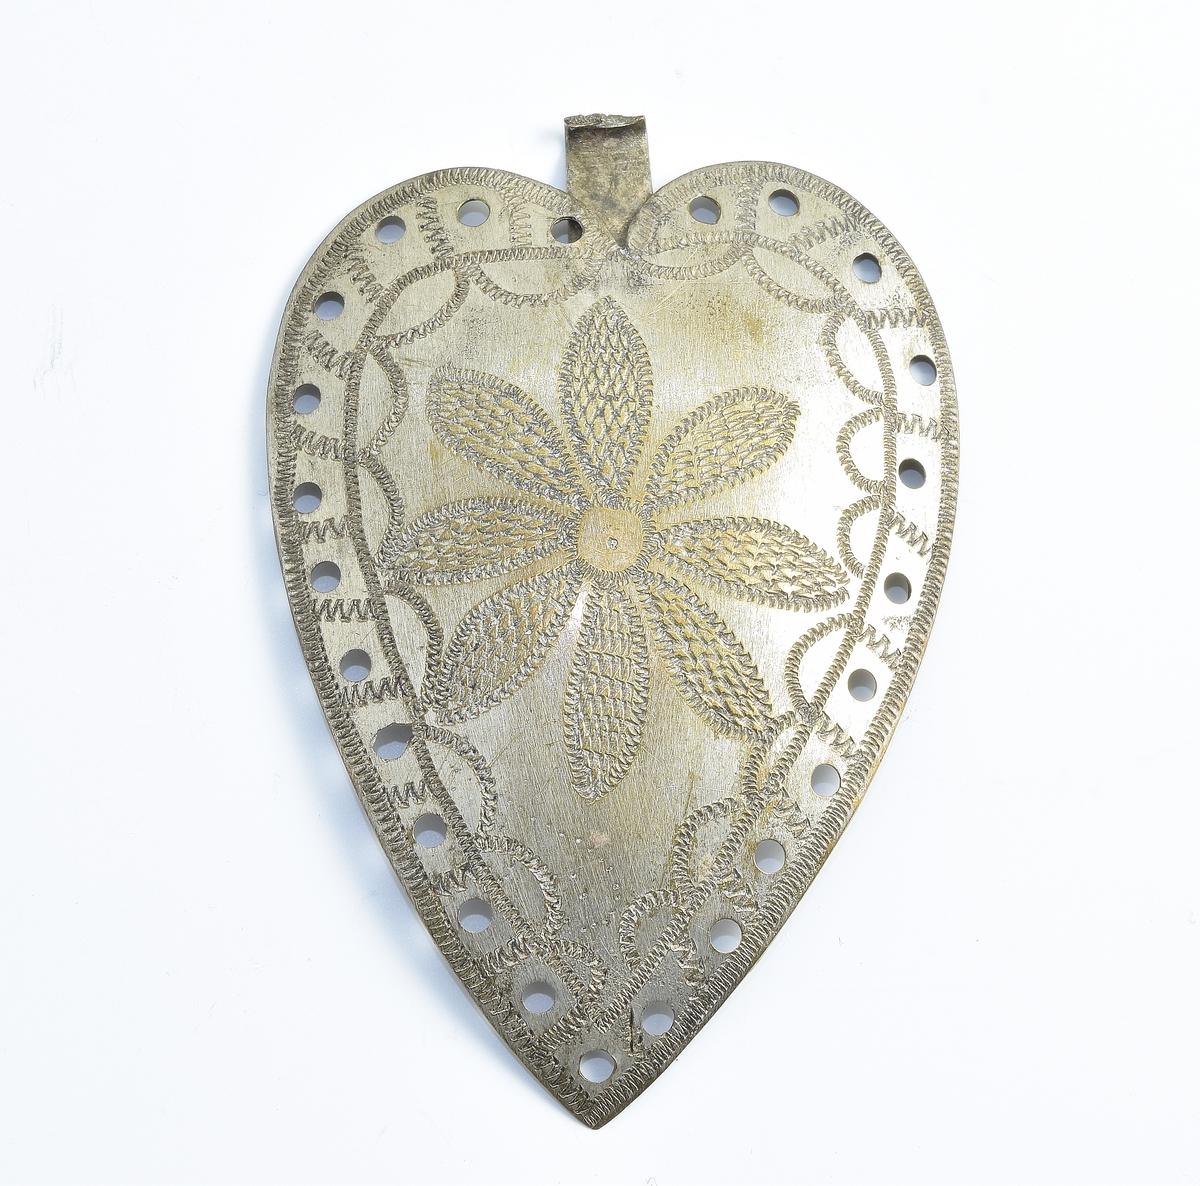 Tynn, hjerteformet spenne i sølv dekorert med en siselert blomst med åtte kronblader. Spennen er gjennomhullet på kanten.